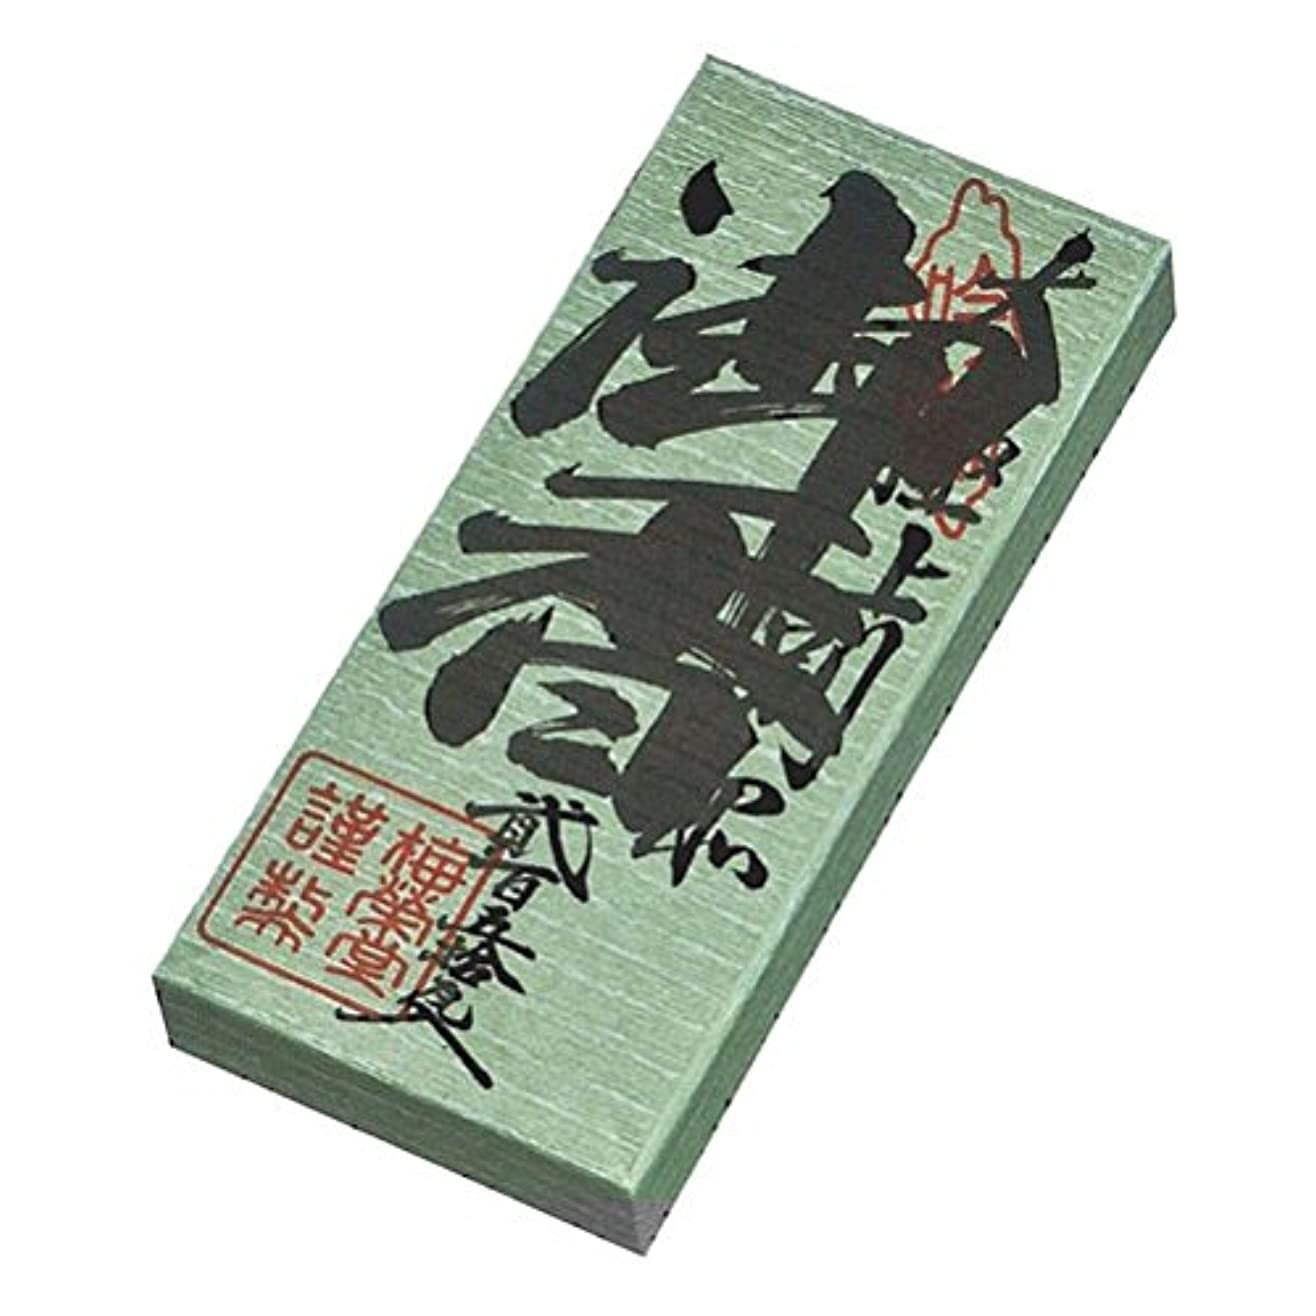 今日促進する等しい特撰超徳印 250g 紙箱入り お焼香 梅栄堂